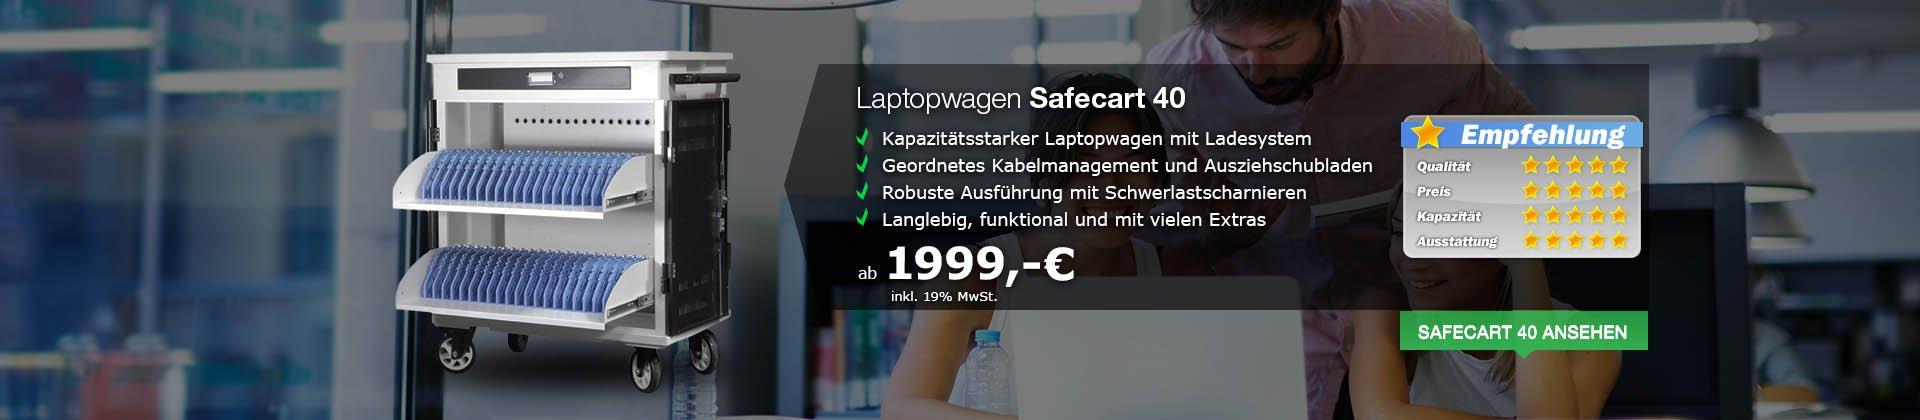 Laptopwagen Safecart 40 - gleichzeitiges Laden von bis zu 40 Laptops